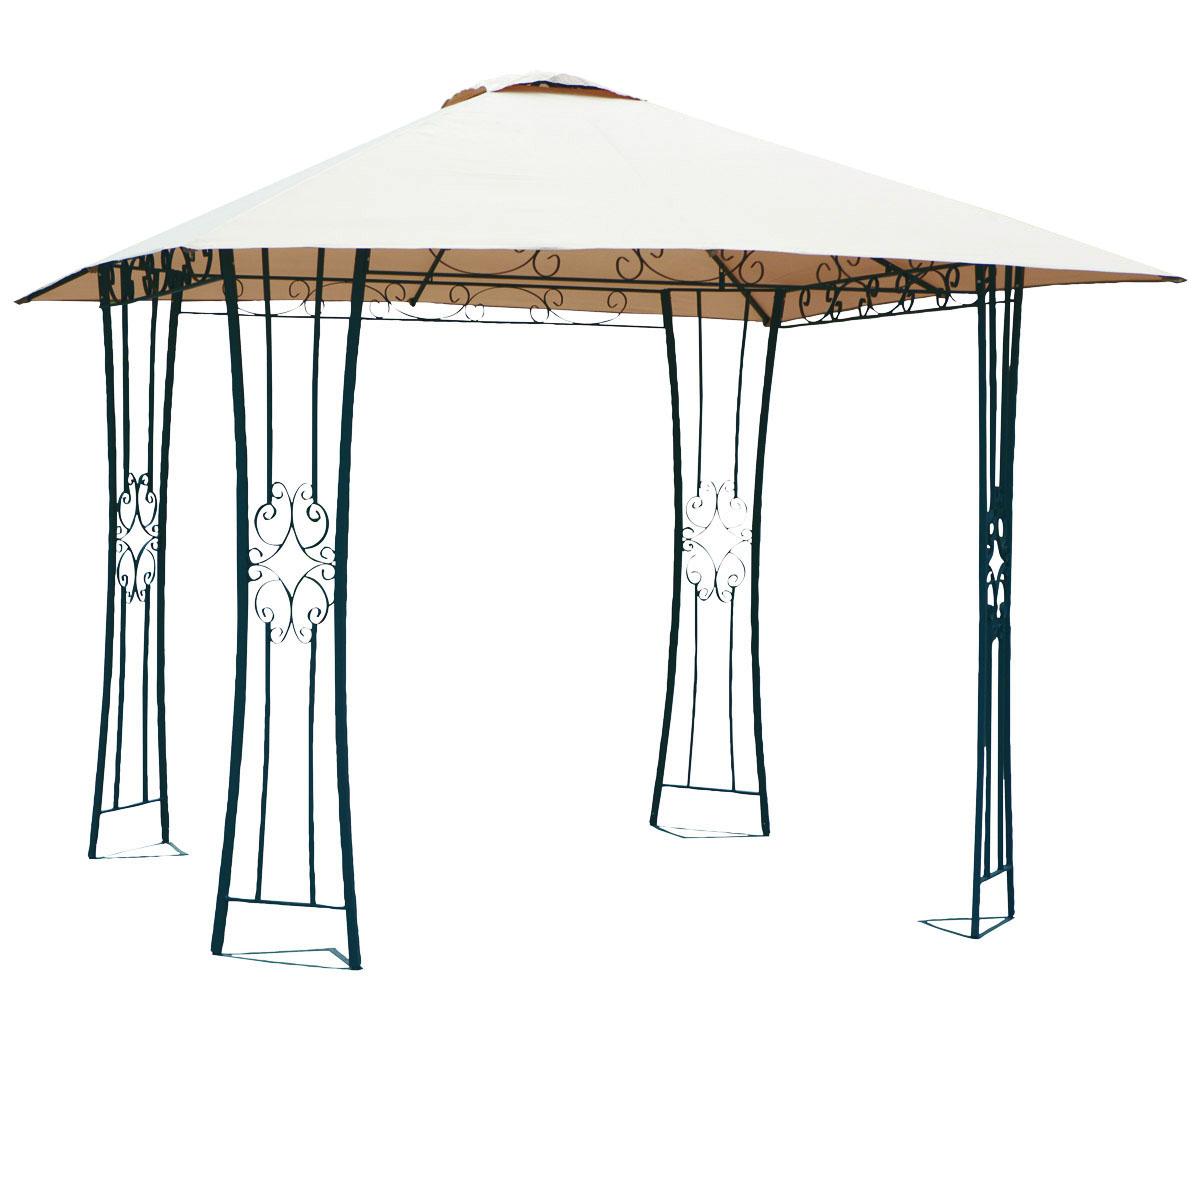 Salon De Jardin Rond Carrefour | Ambrid